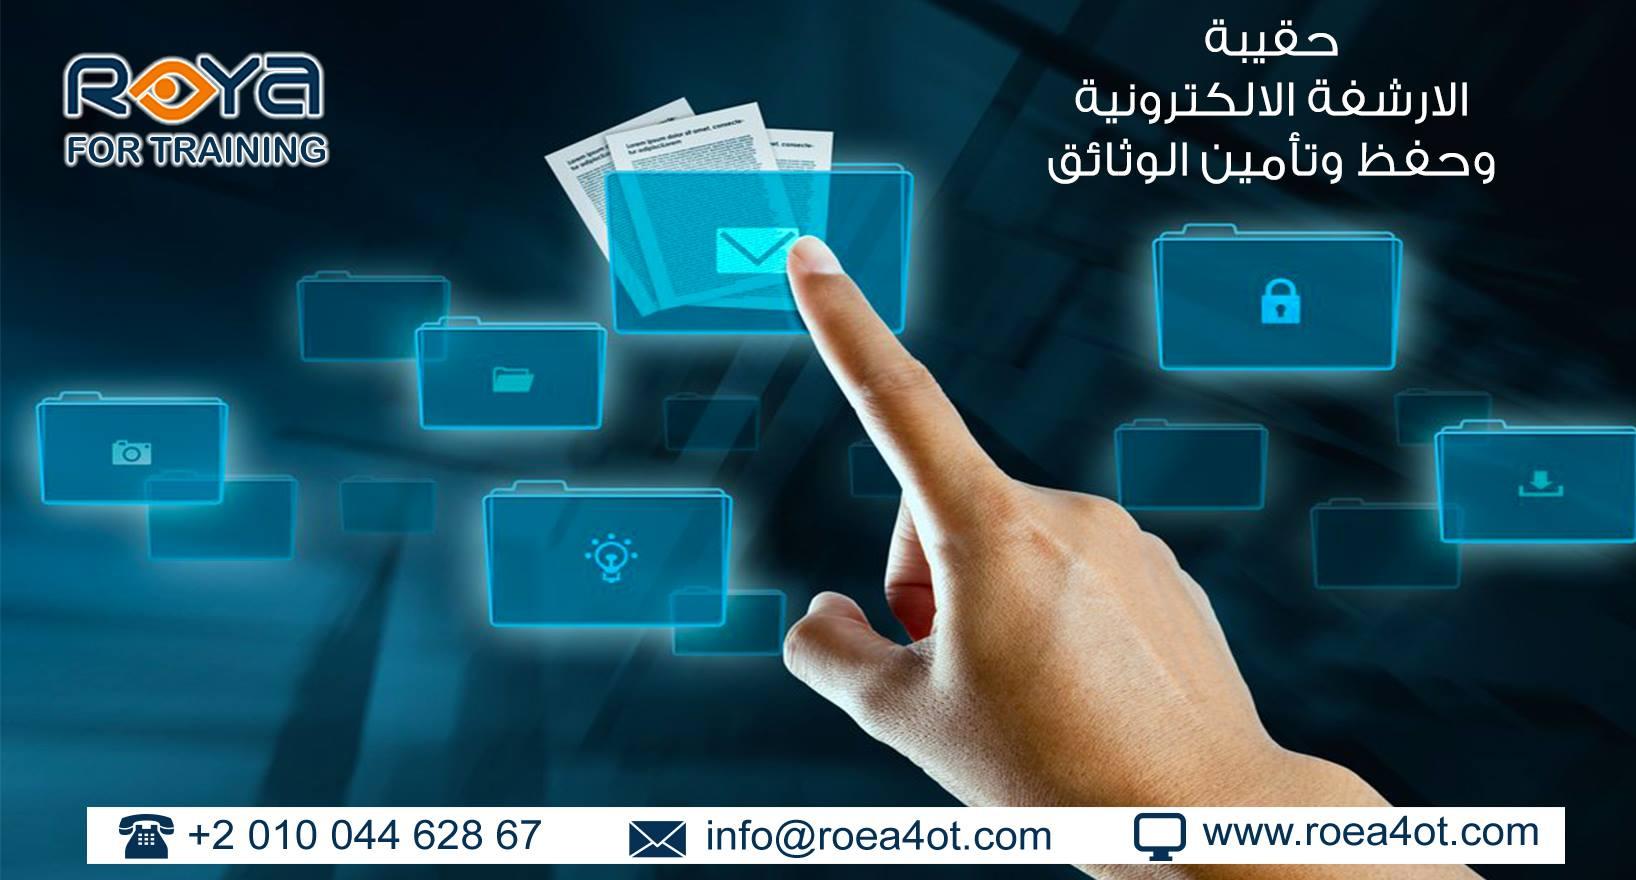 حقيبة تدريبية الارشفة الالكترونية وحفظ وتأمين الوثائق